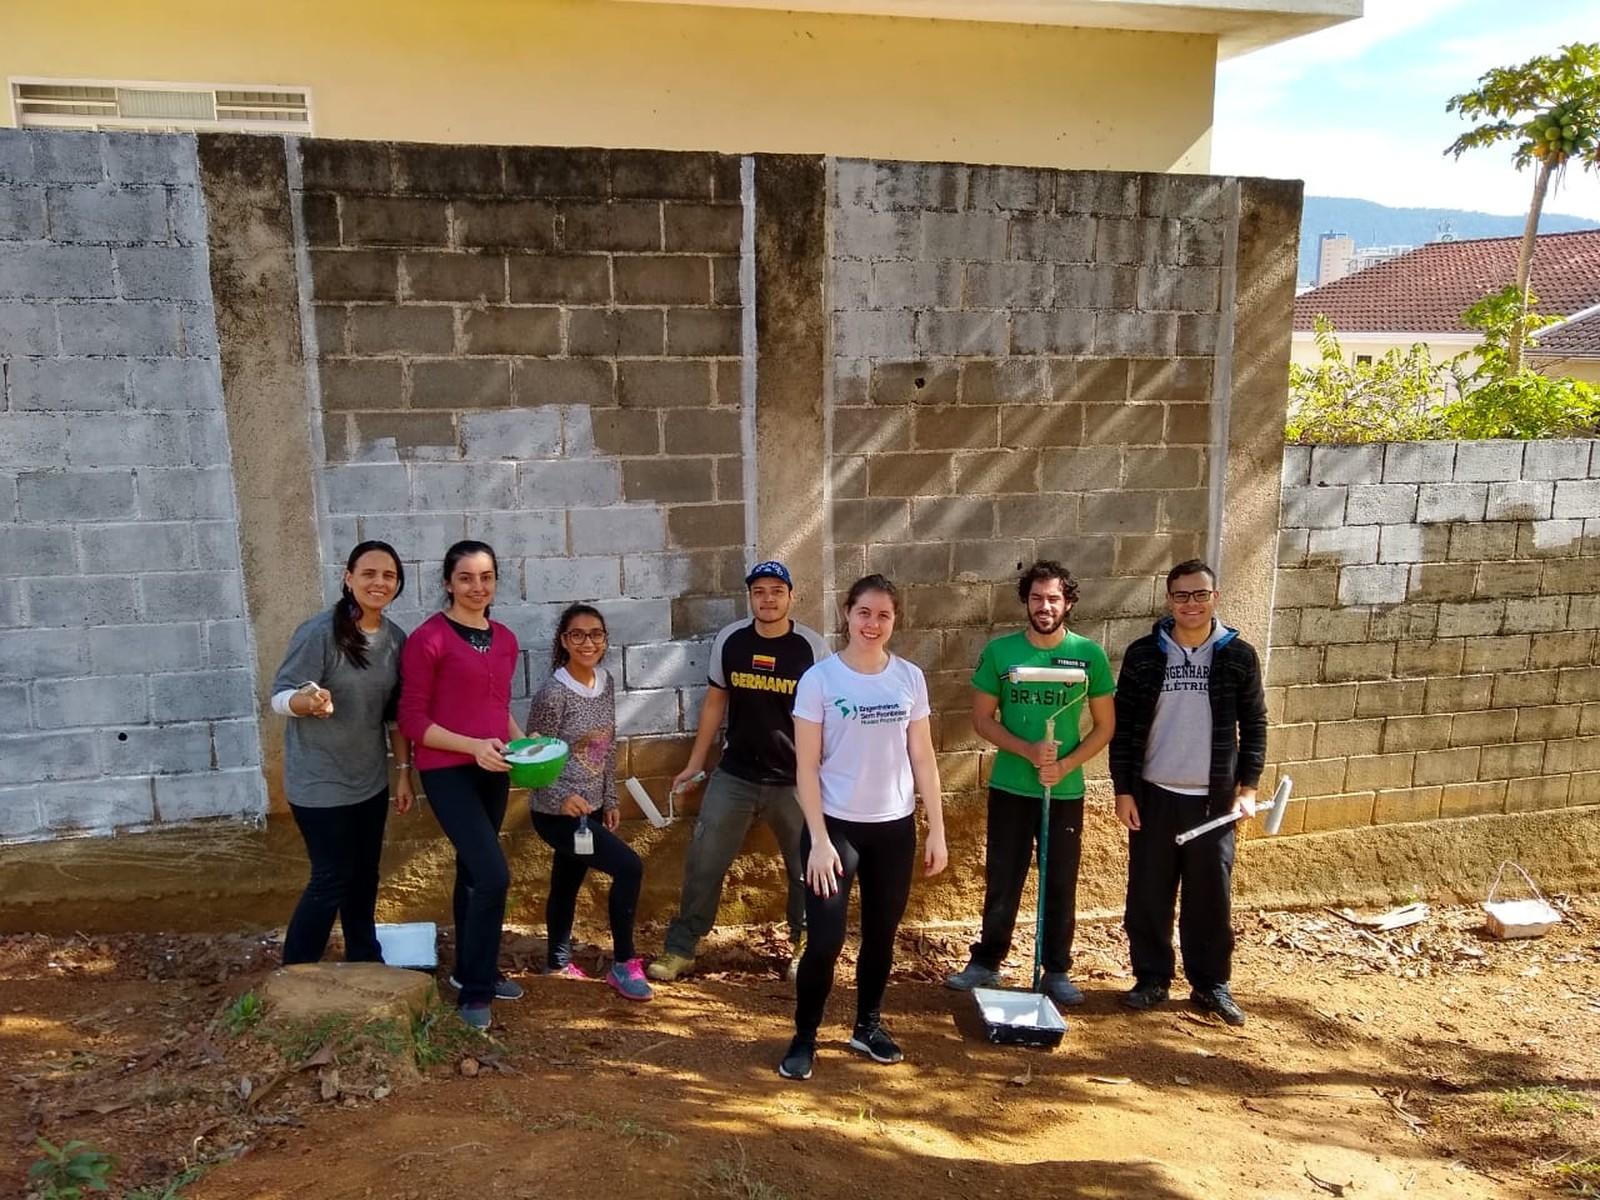 Estudantes de Engenharia reúnem voluntários para mutirão de limpeza em Poços de Caldas, MG